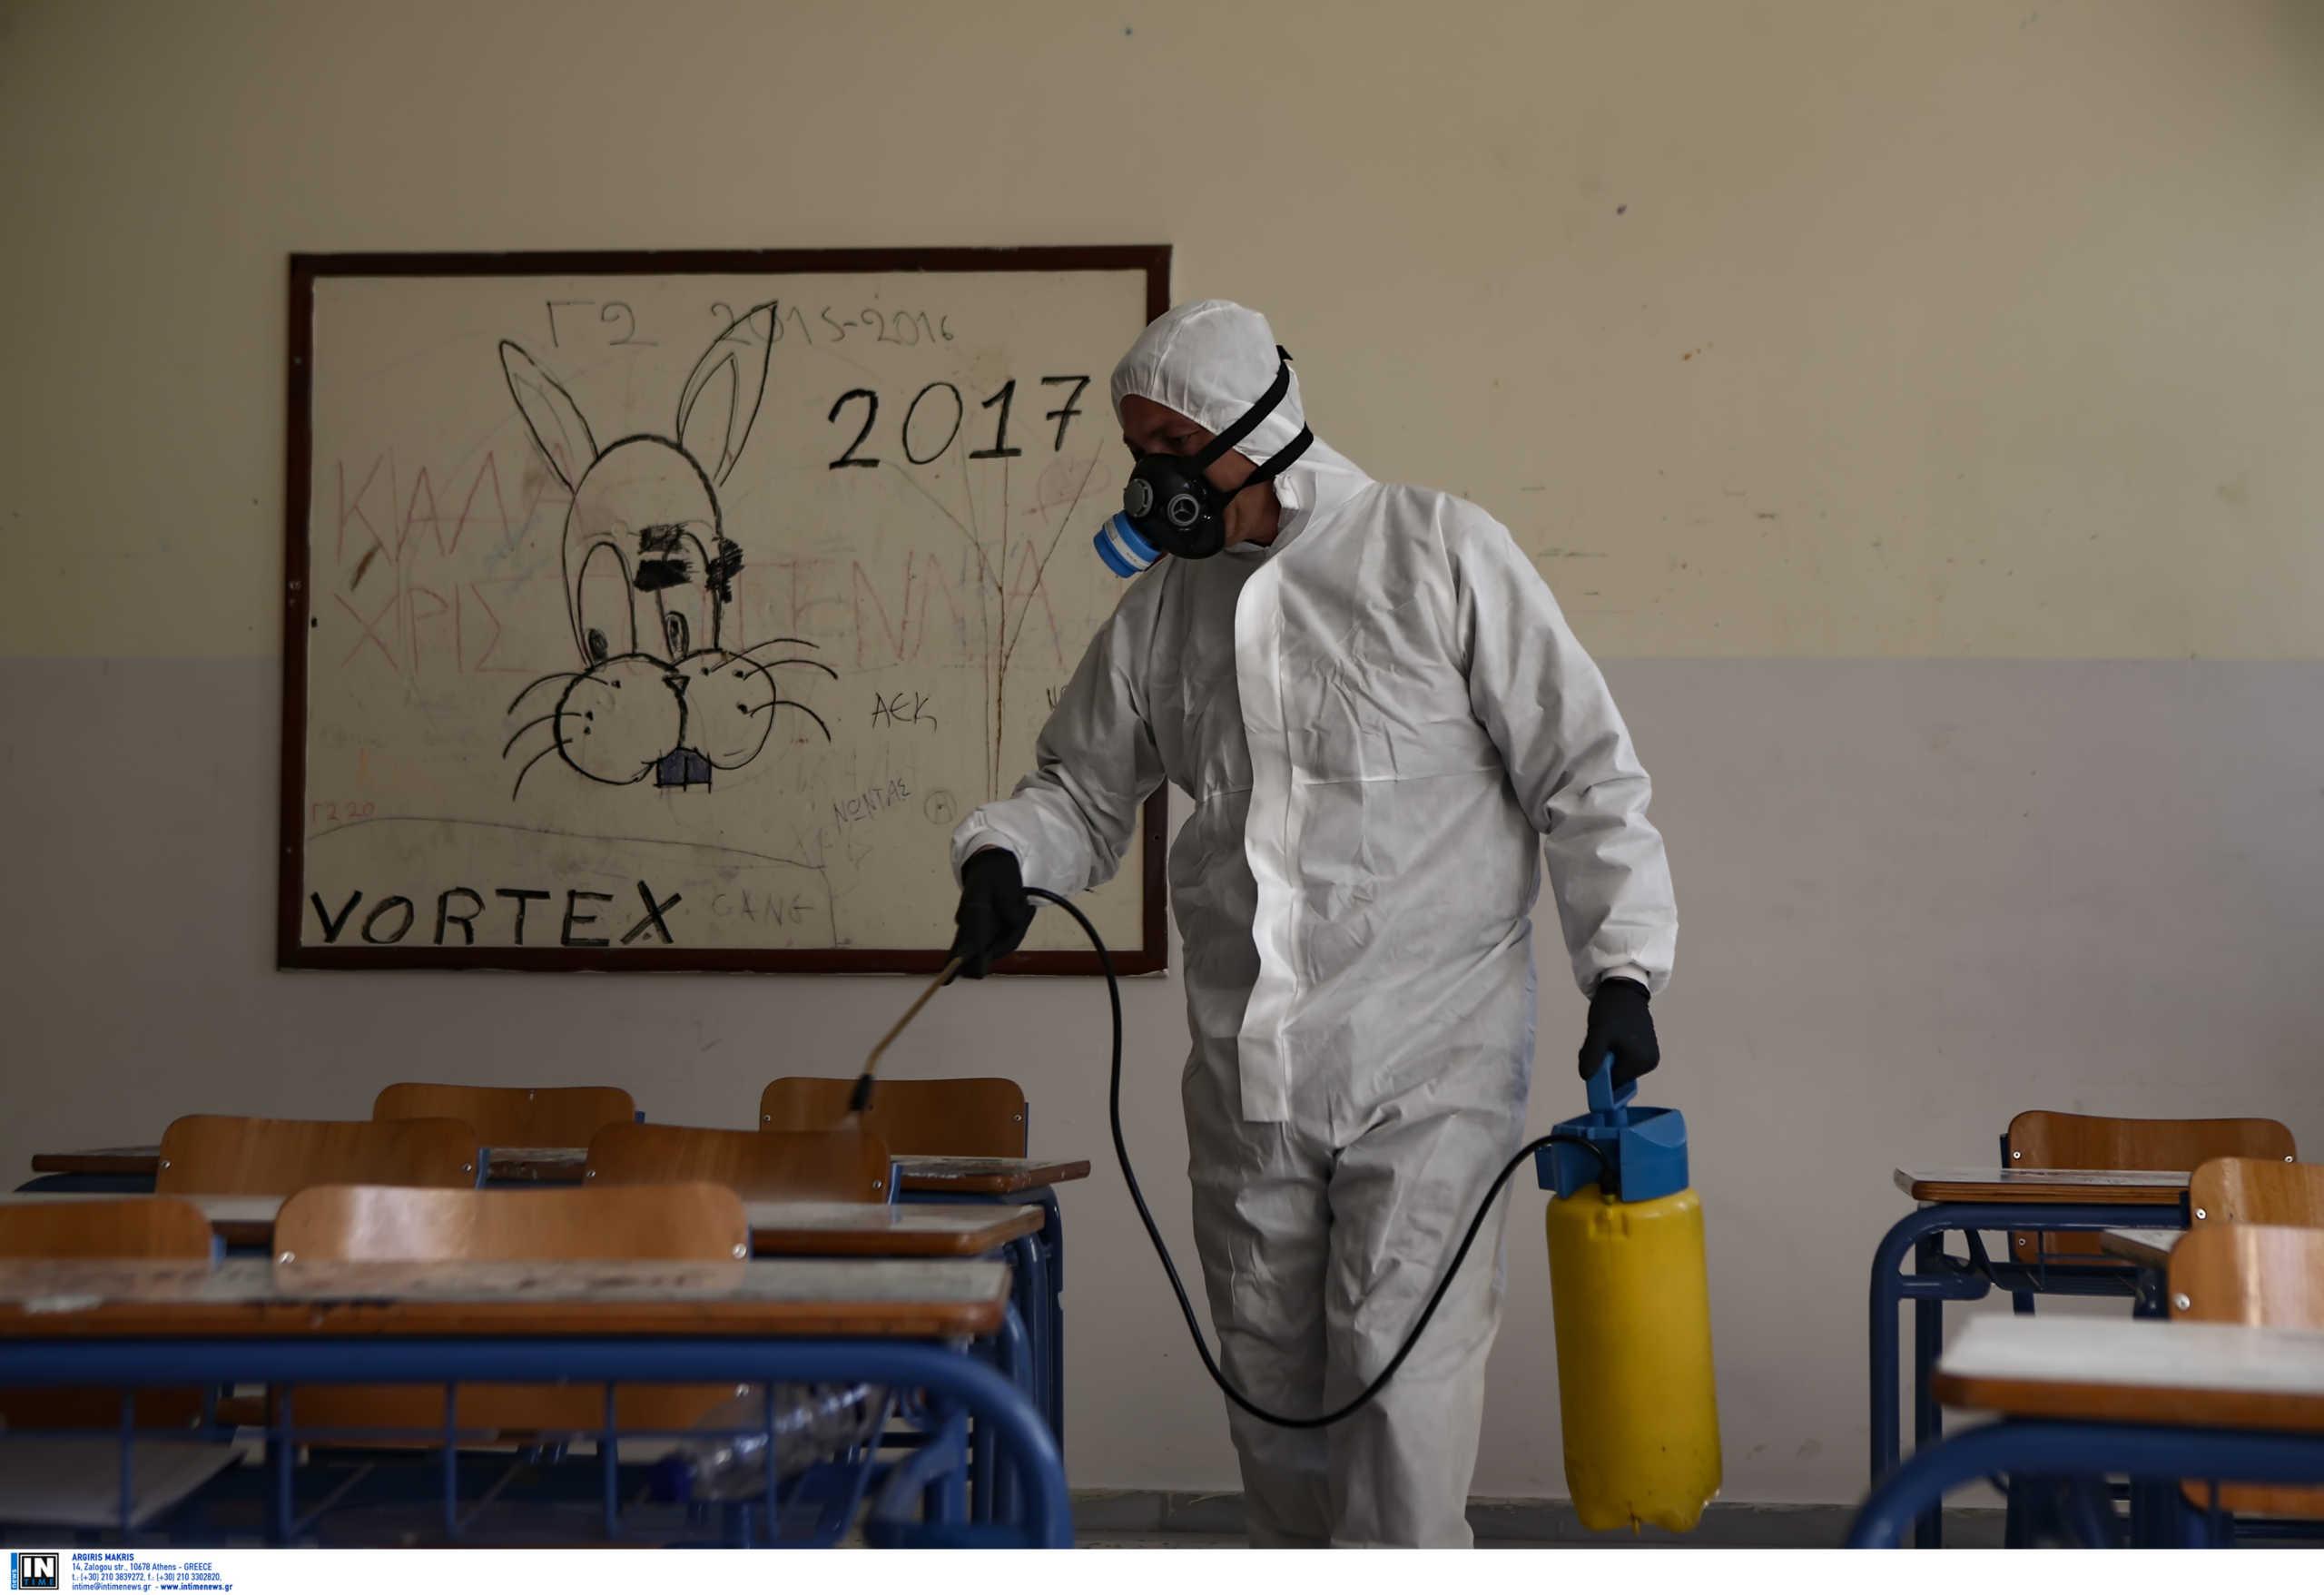 Κρούσματα κορονοϊού σε τουλάχιστον 3 ιδιωτικά σχολεία